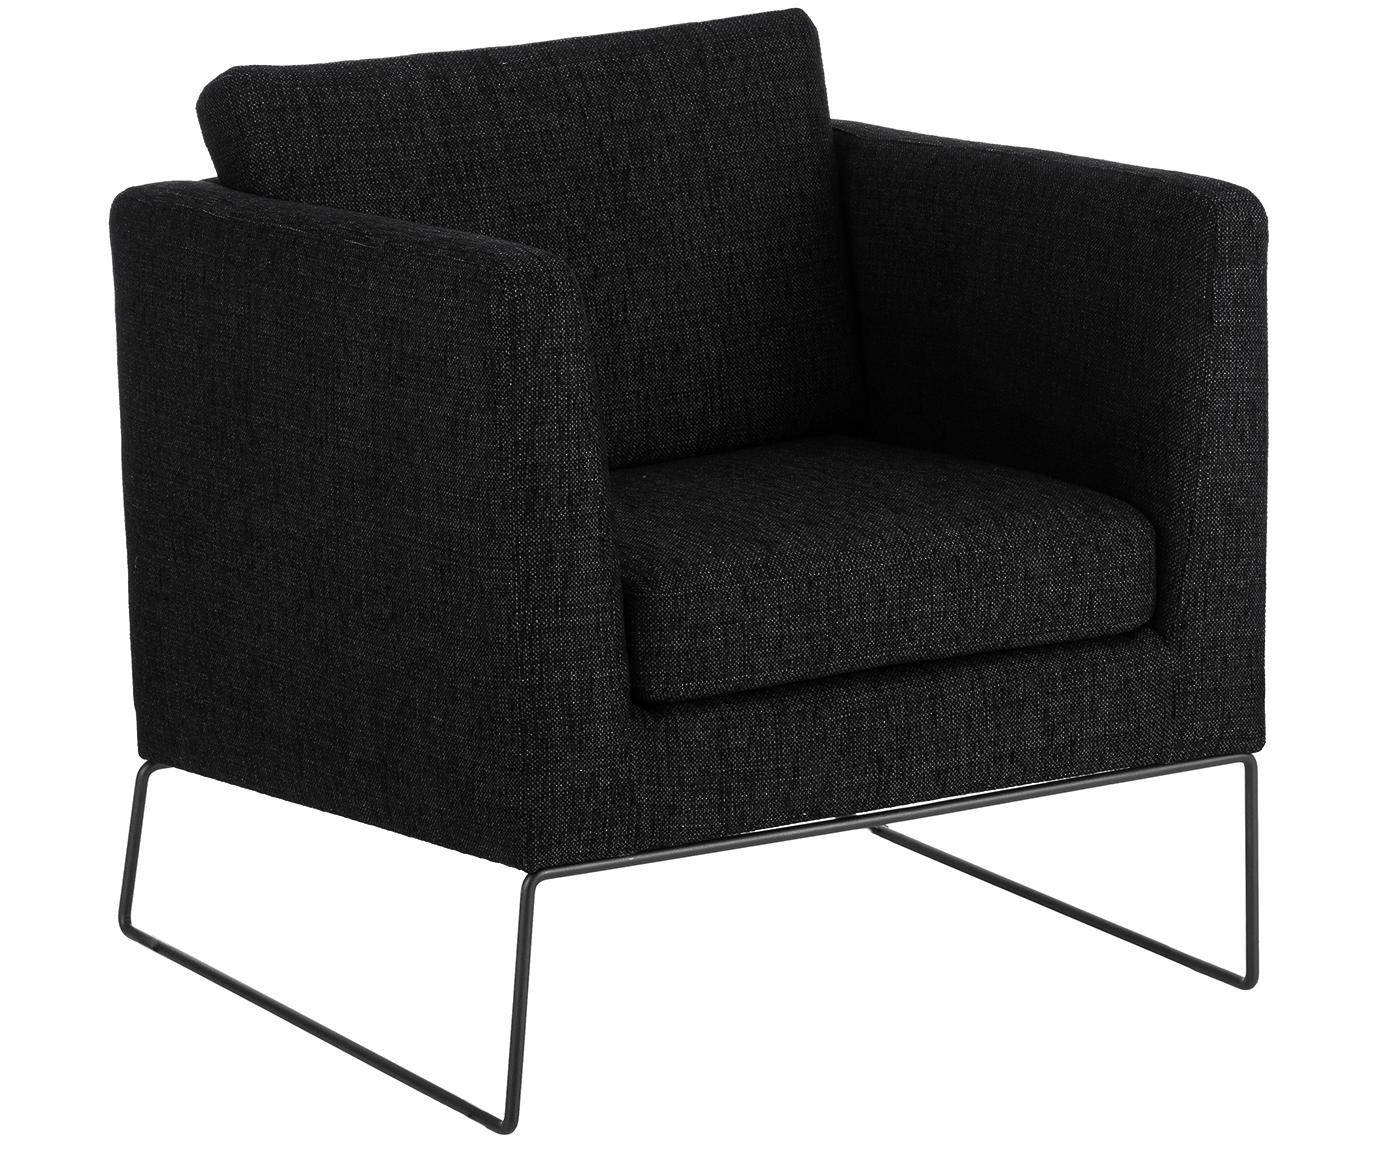 Klassischer Sessel Milo in Schwarz, Bezug: Hochwertiger Polyesterbez, Gestell: Kiefernholz, Beine: Metall, lackiert, Webstoff Schwarz, 77 x 75 cm